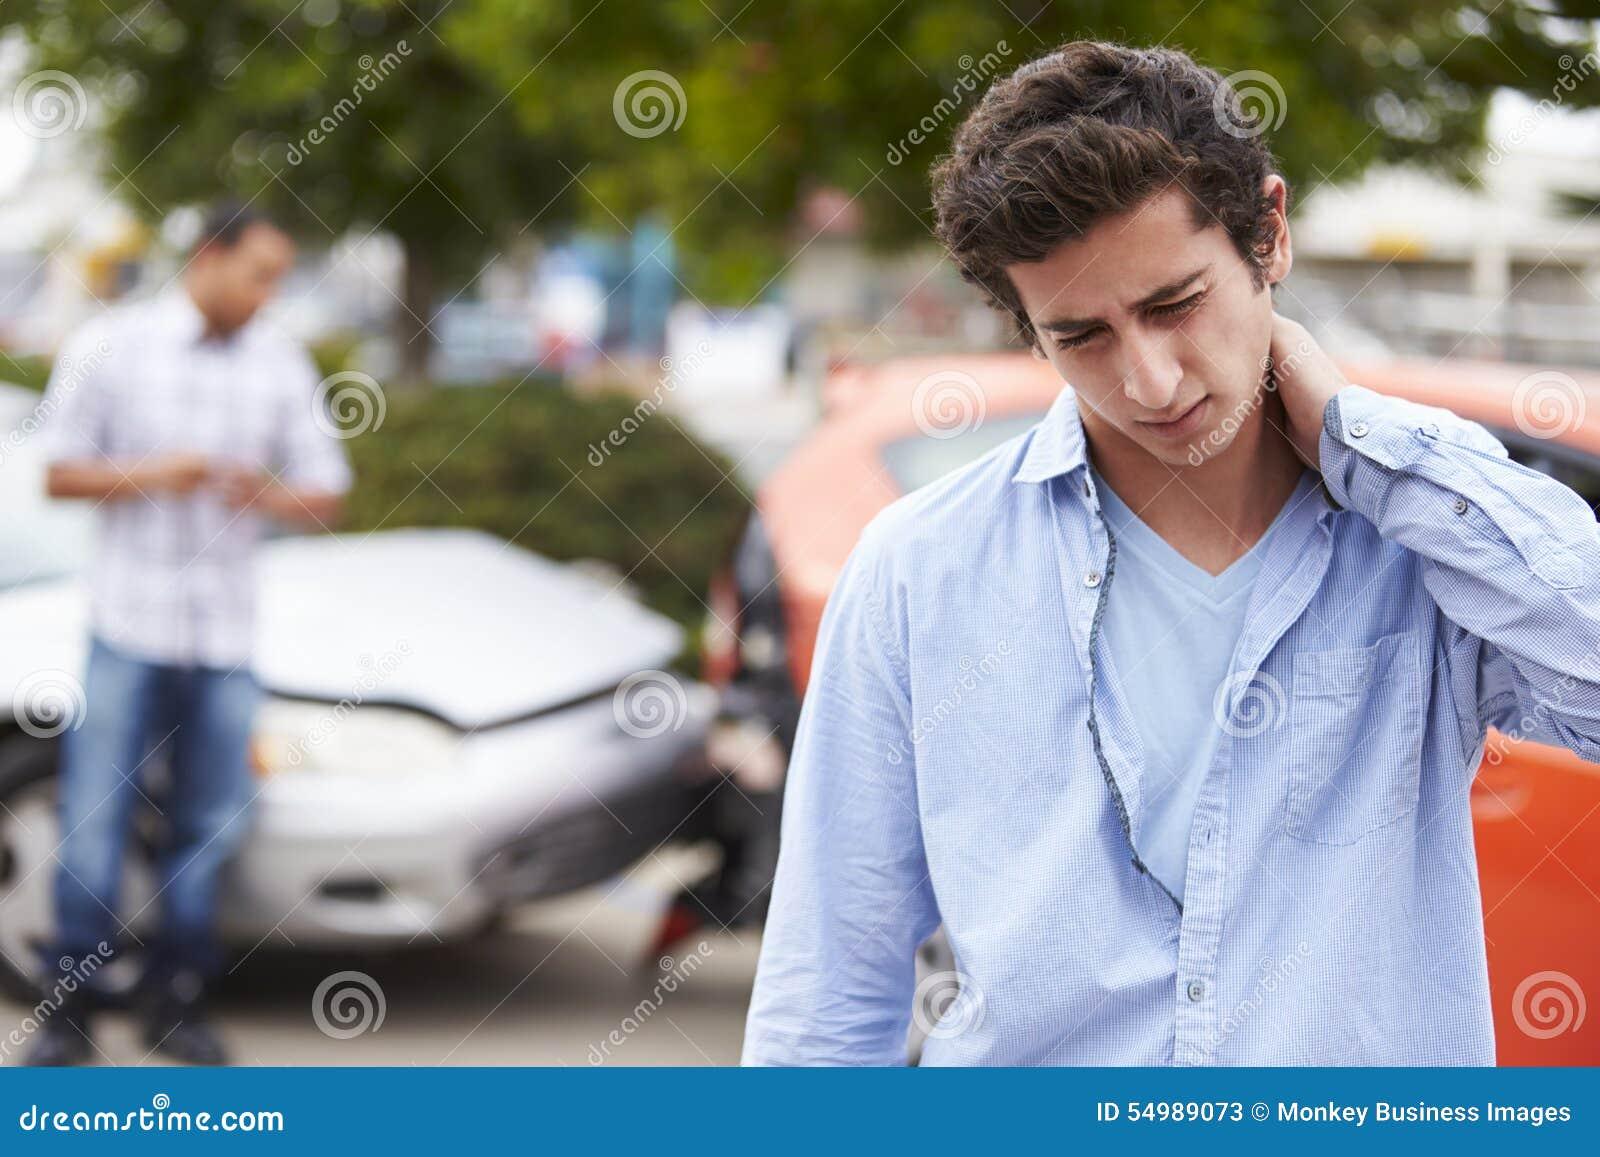 Incidente di traffico adolescente di Suffering Whiplash Injury del driver